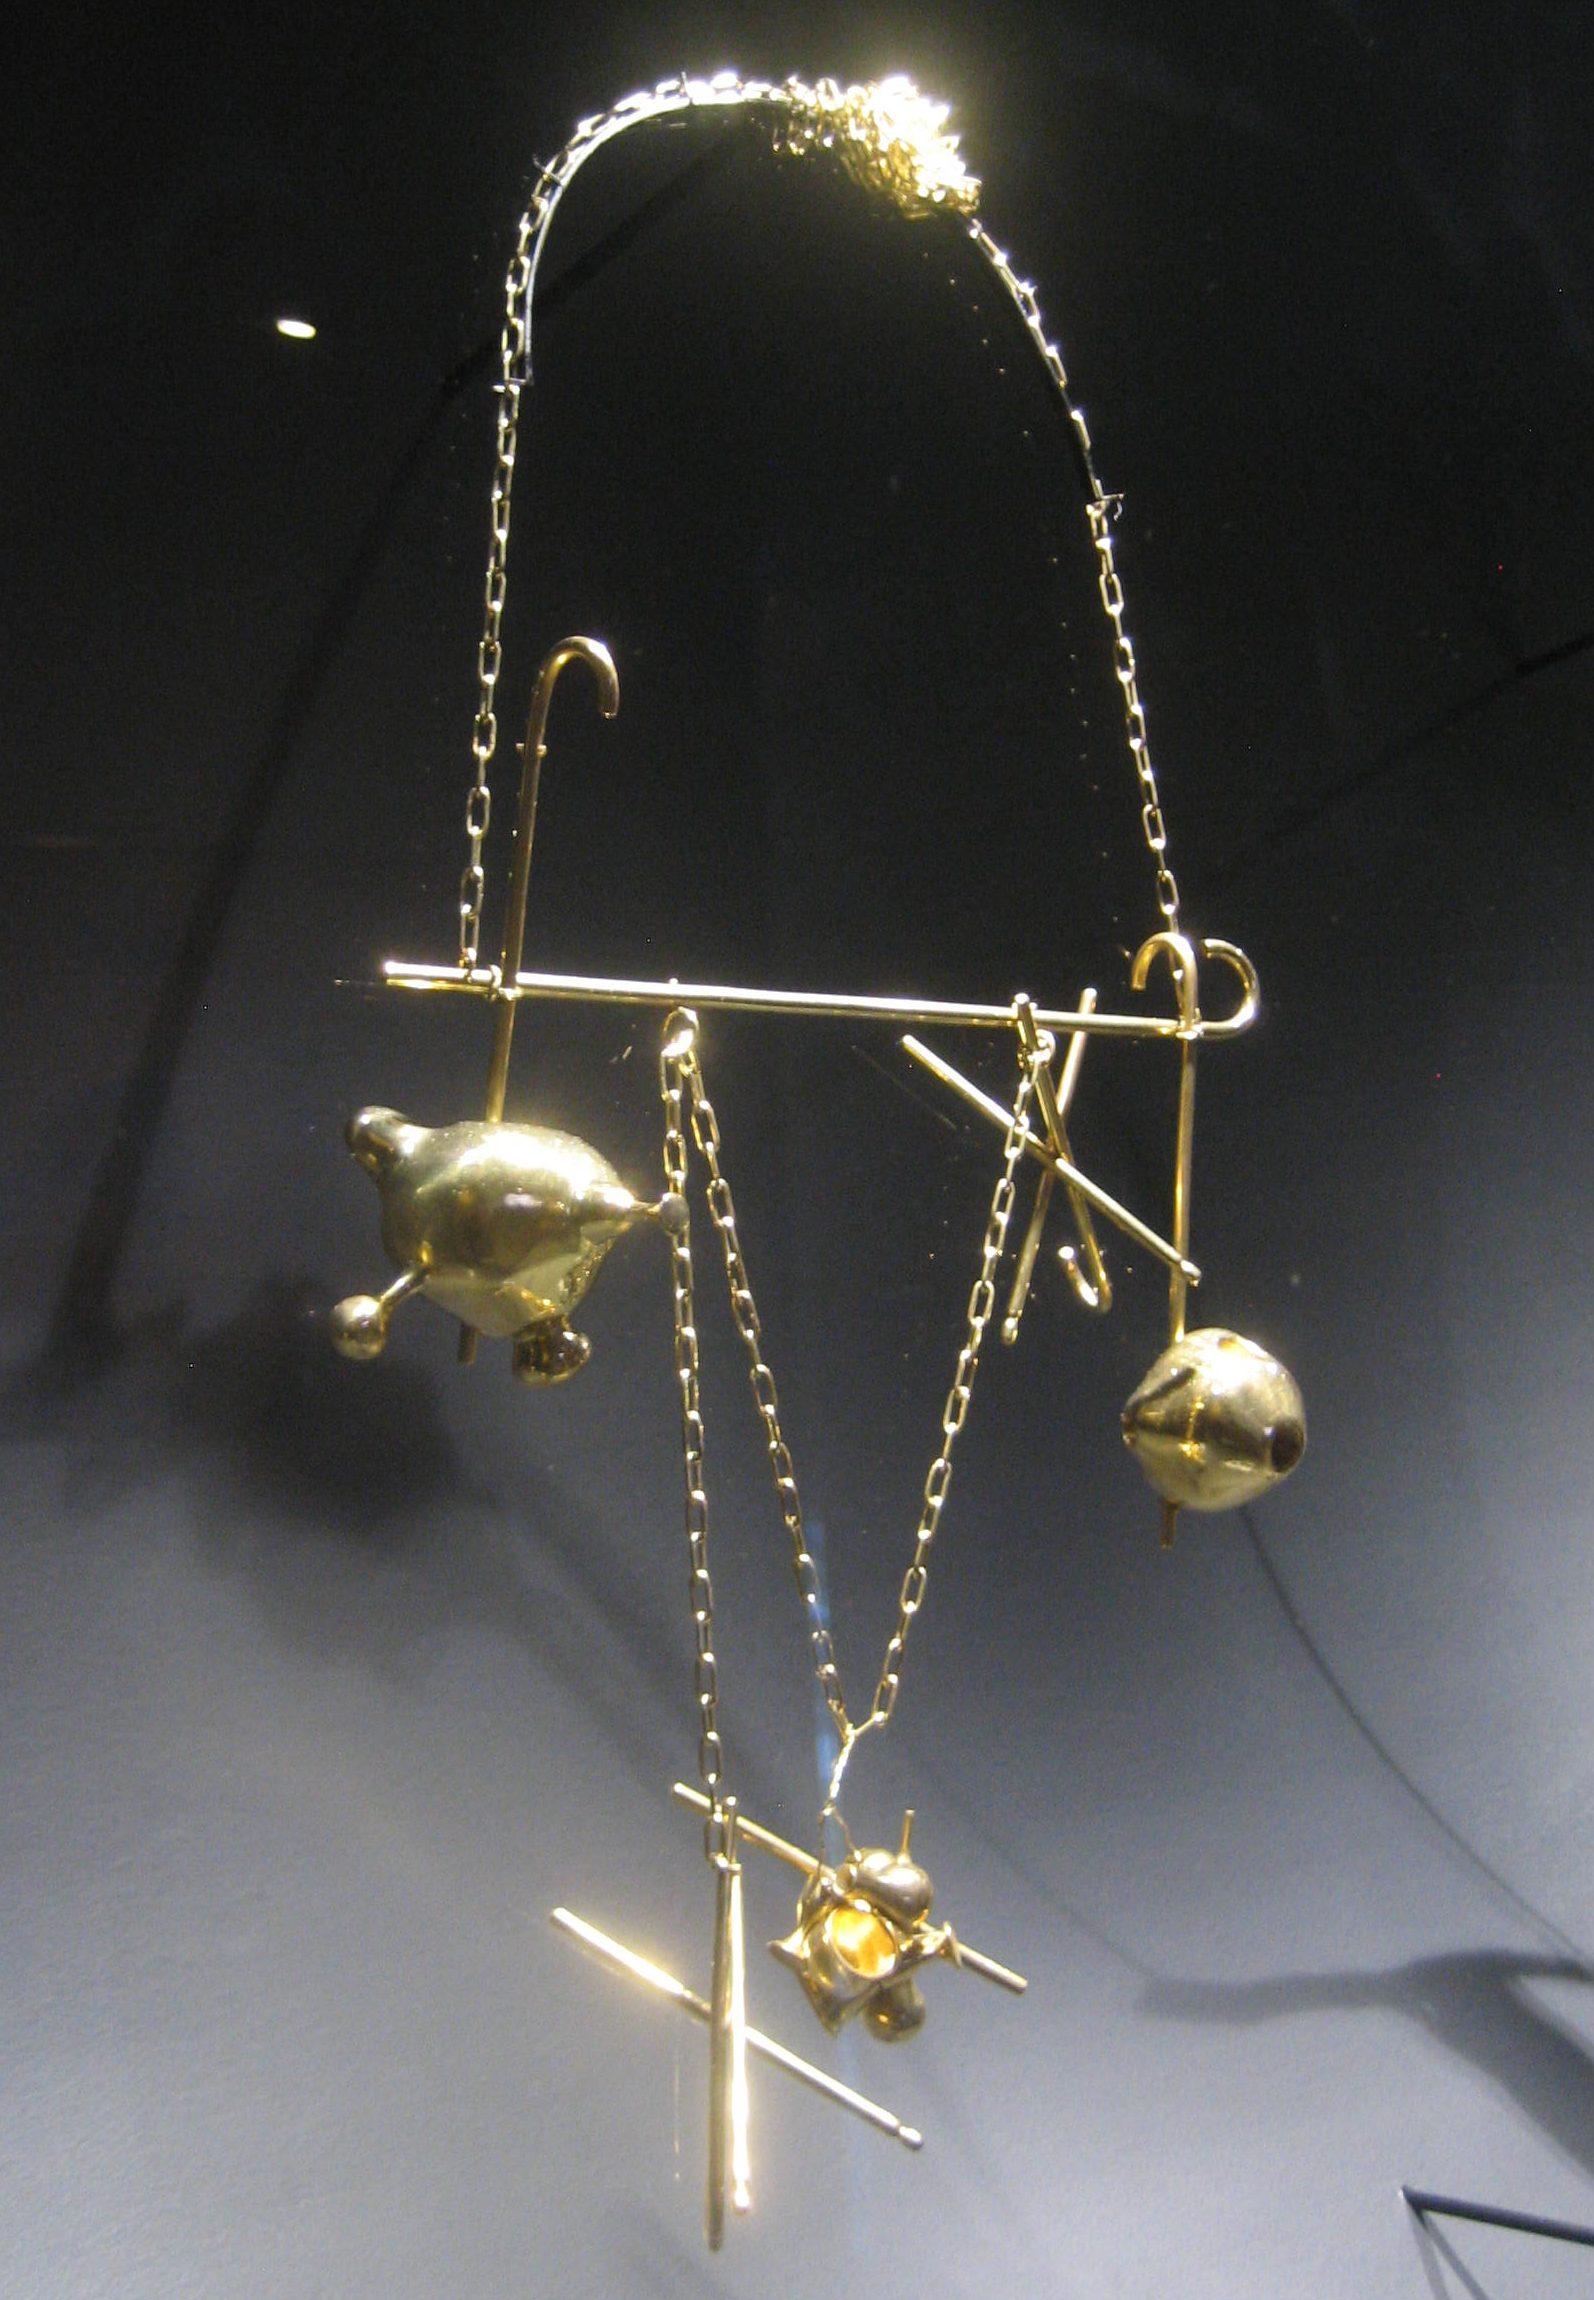 Tunga, Les Bijoux de la Belle et la Bête, PA, halssieraad, 2001. Collectie Cordelia Fourneau de Mello Mourão. Foto Esther Doornbusch, juni 2018©